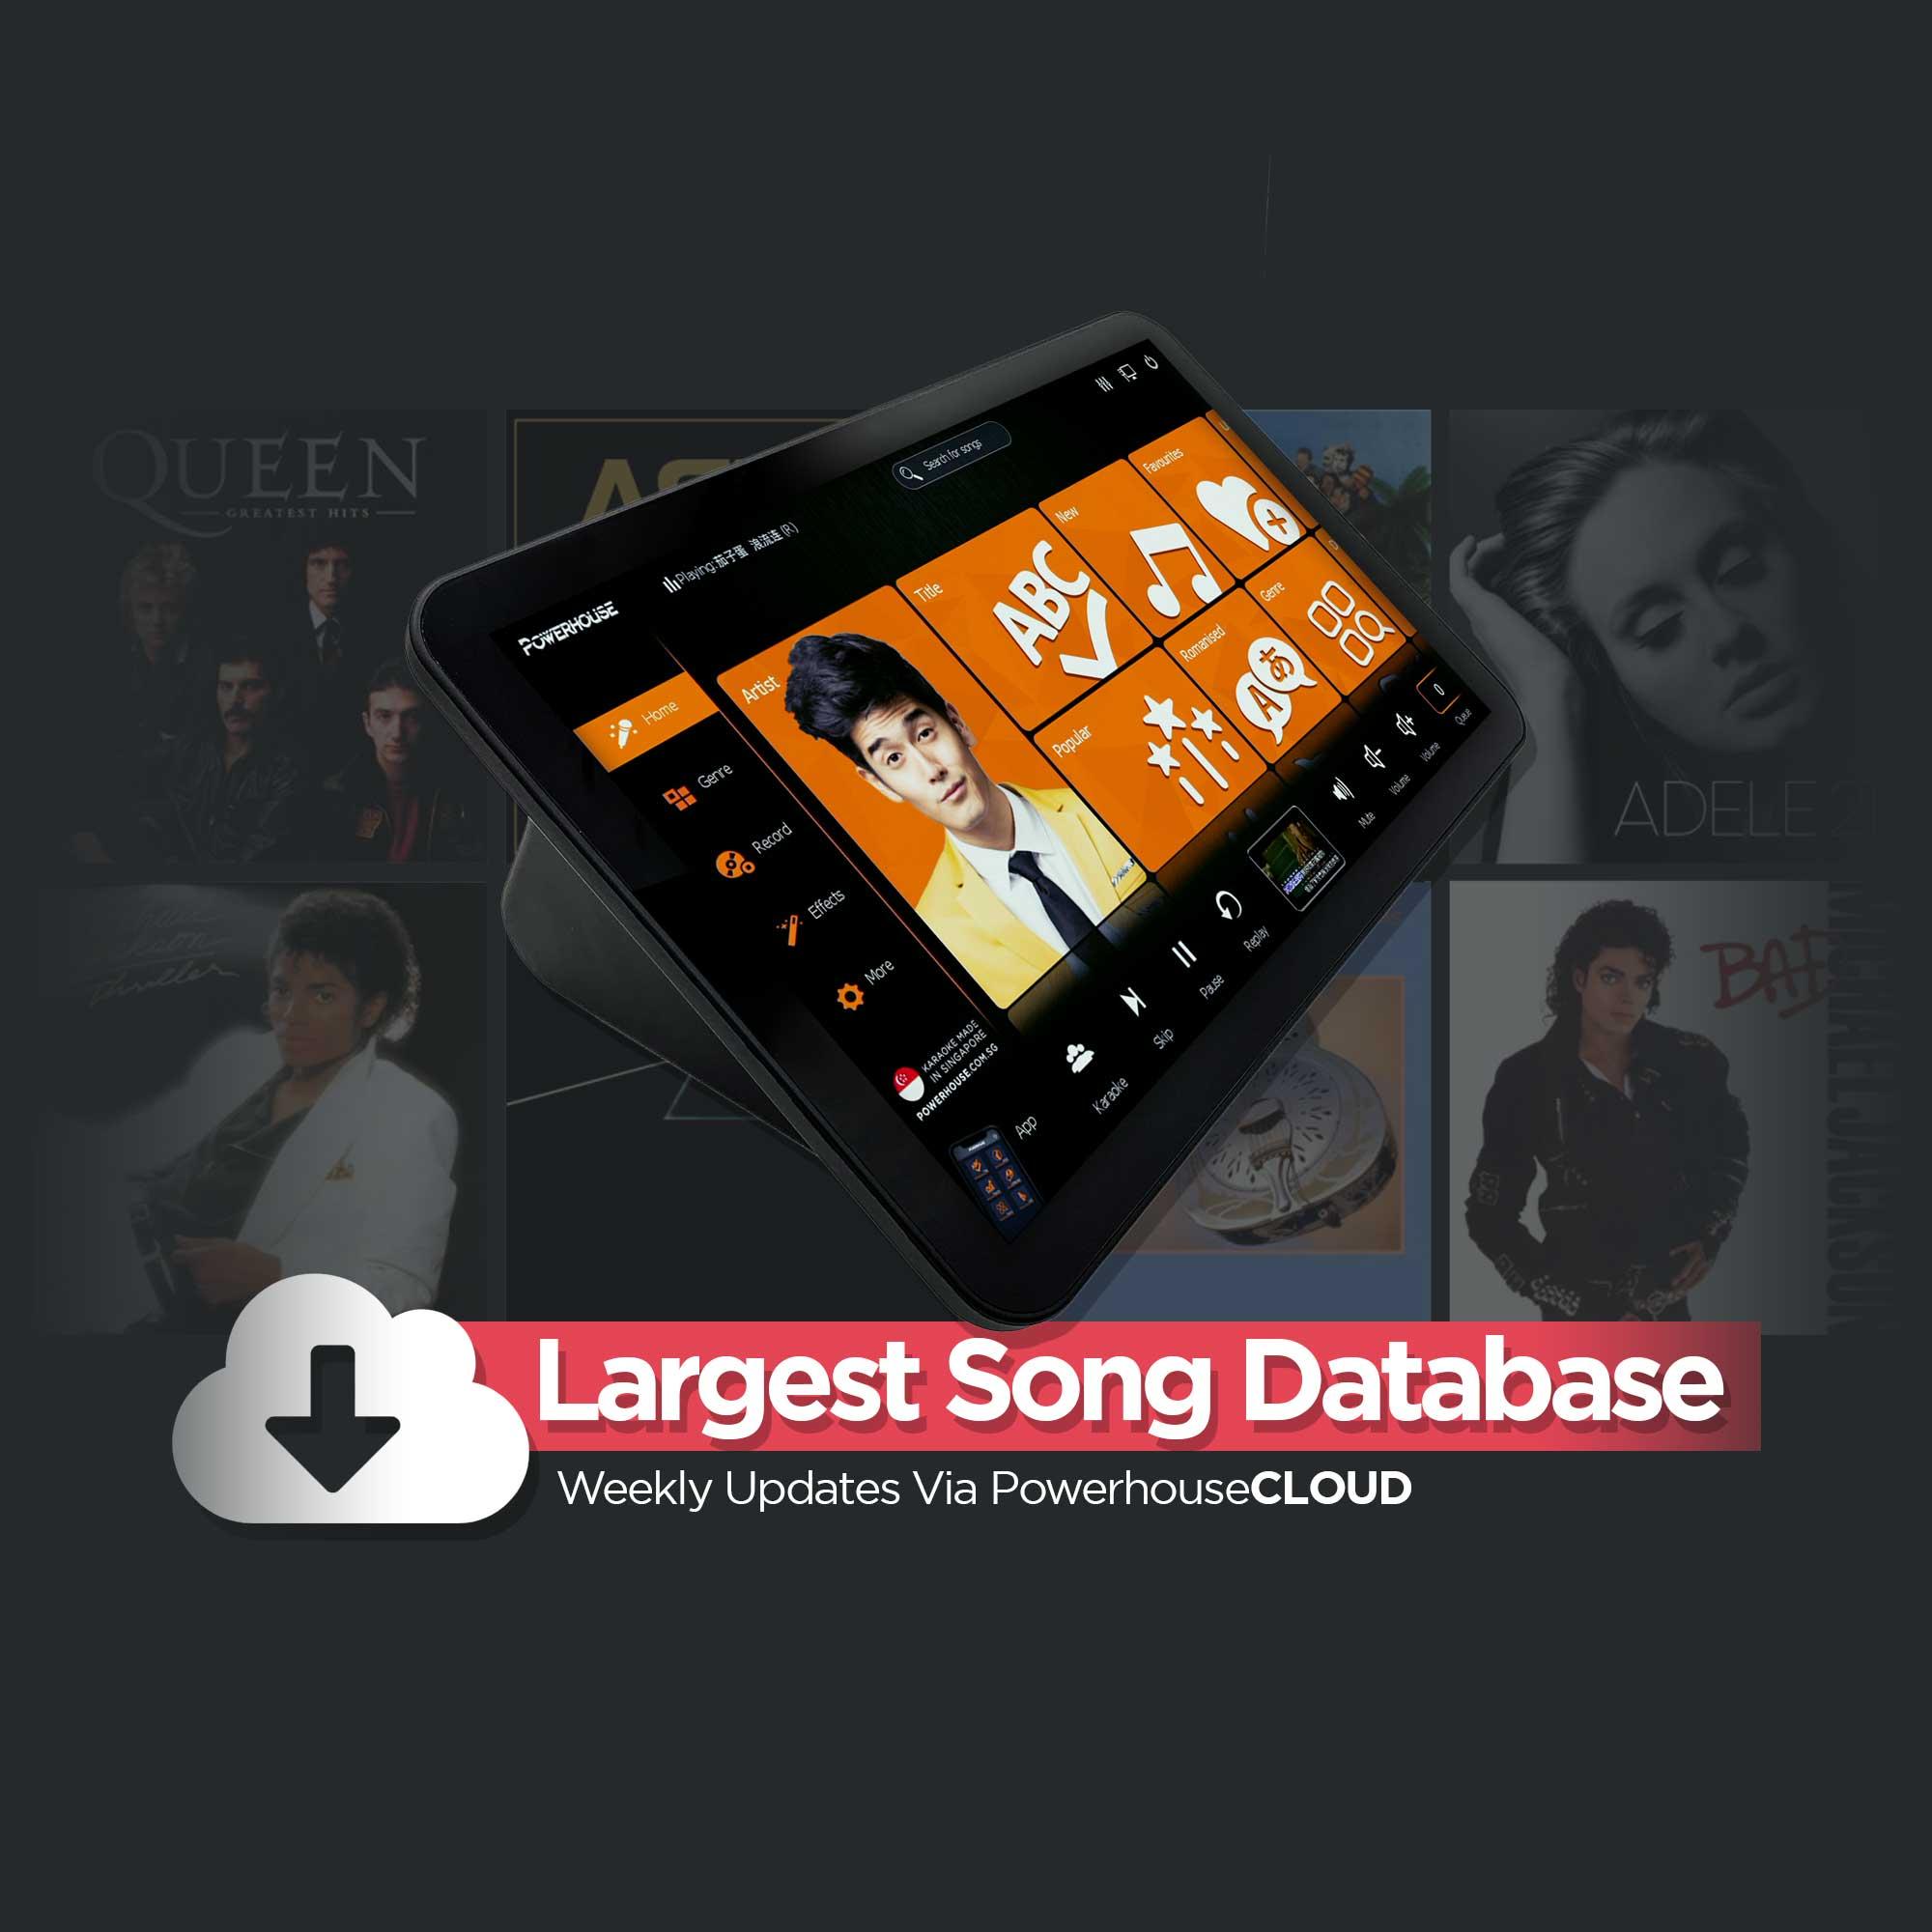 PowerhouseCLOUD Weekly Karaoke Song Updates